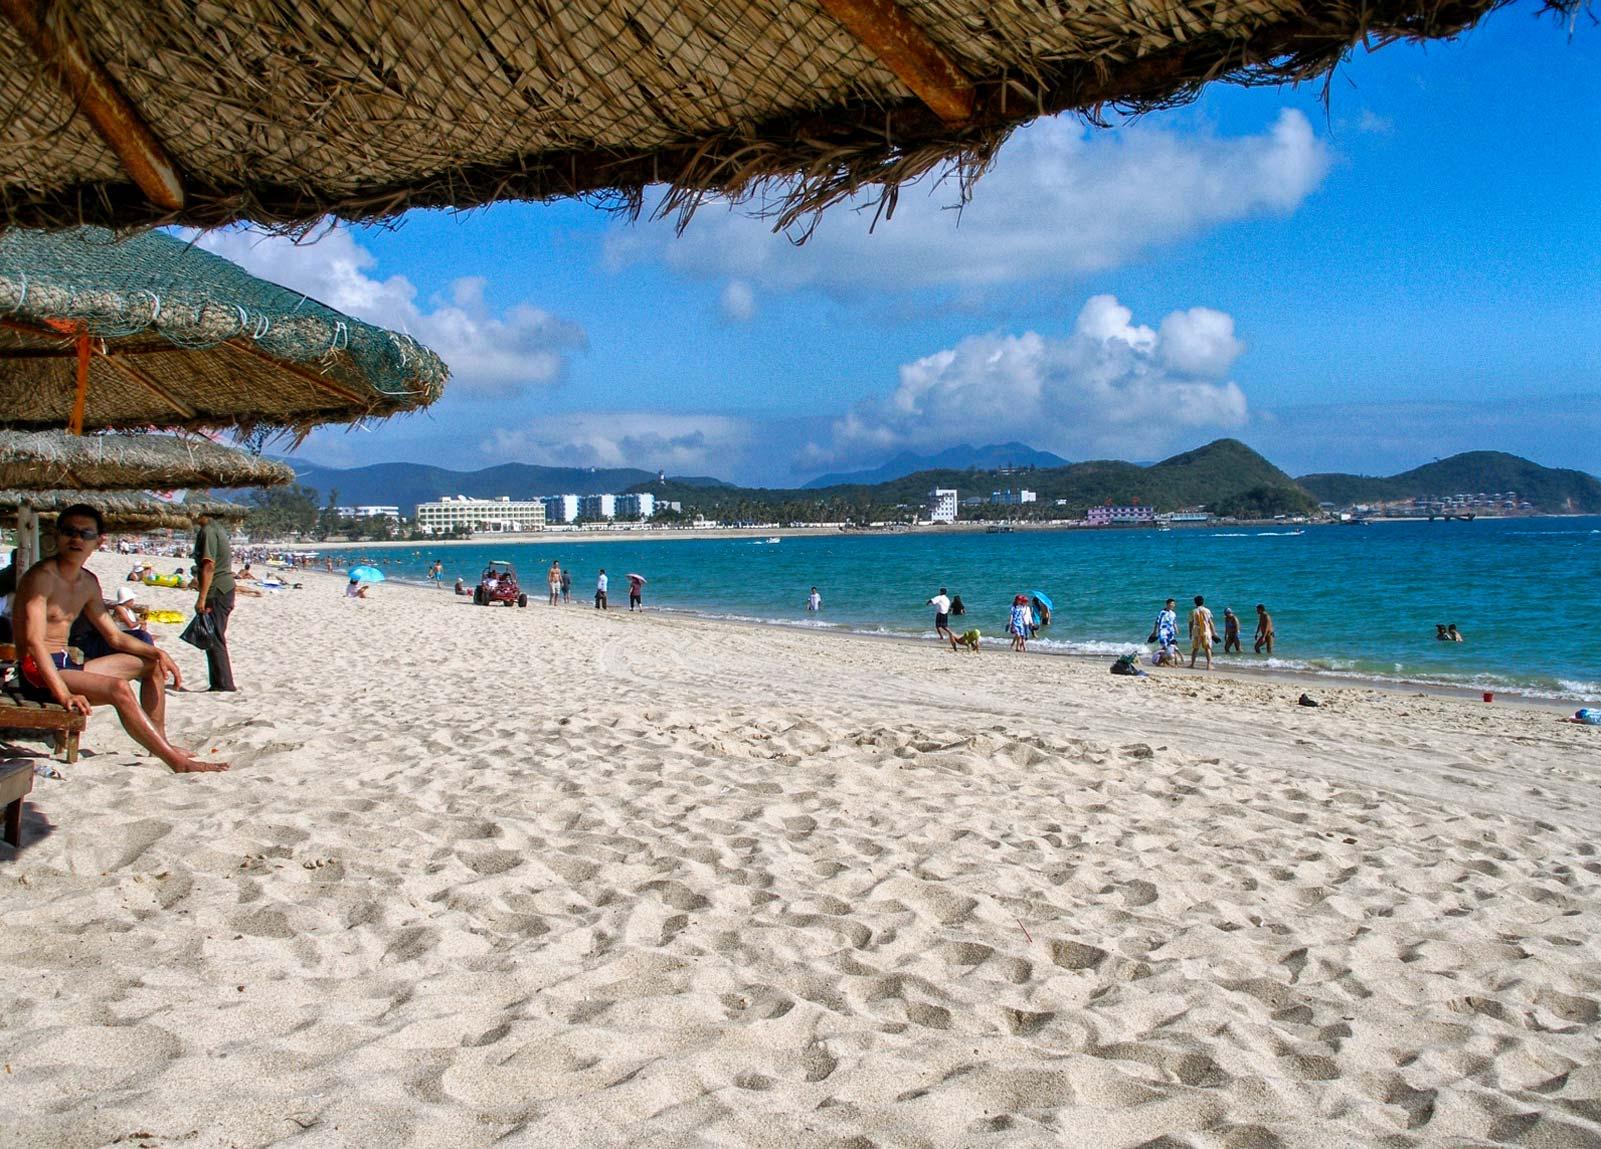 Hainan Travel Blog